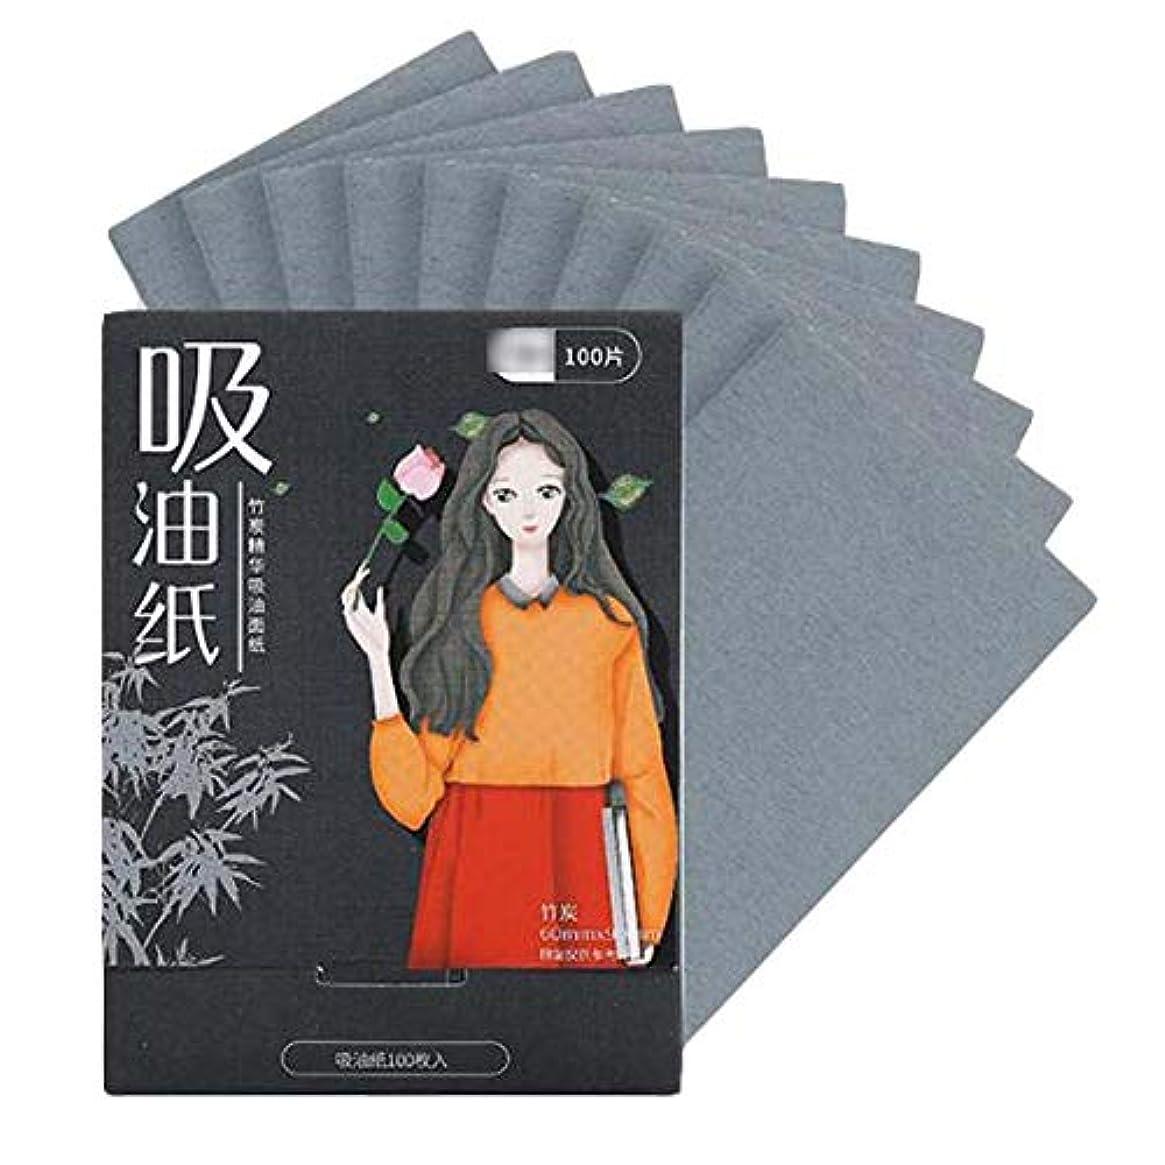 ソビエト発生意図的顔のための女性竹炭あぶらとり紙、200個